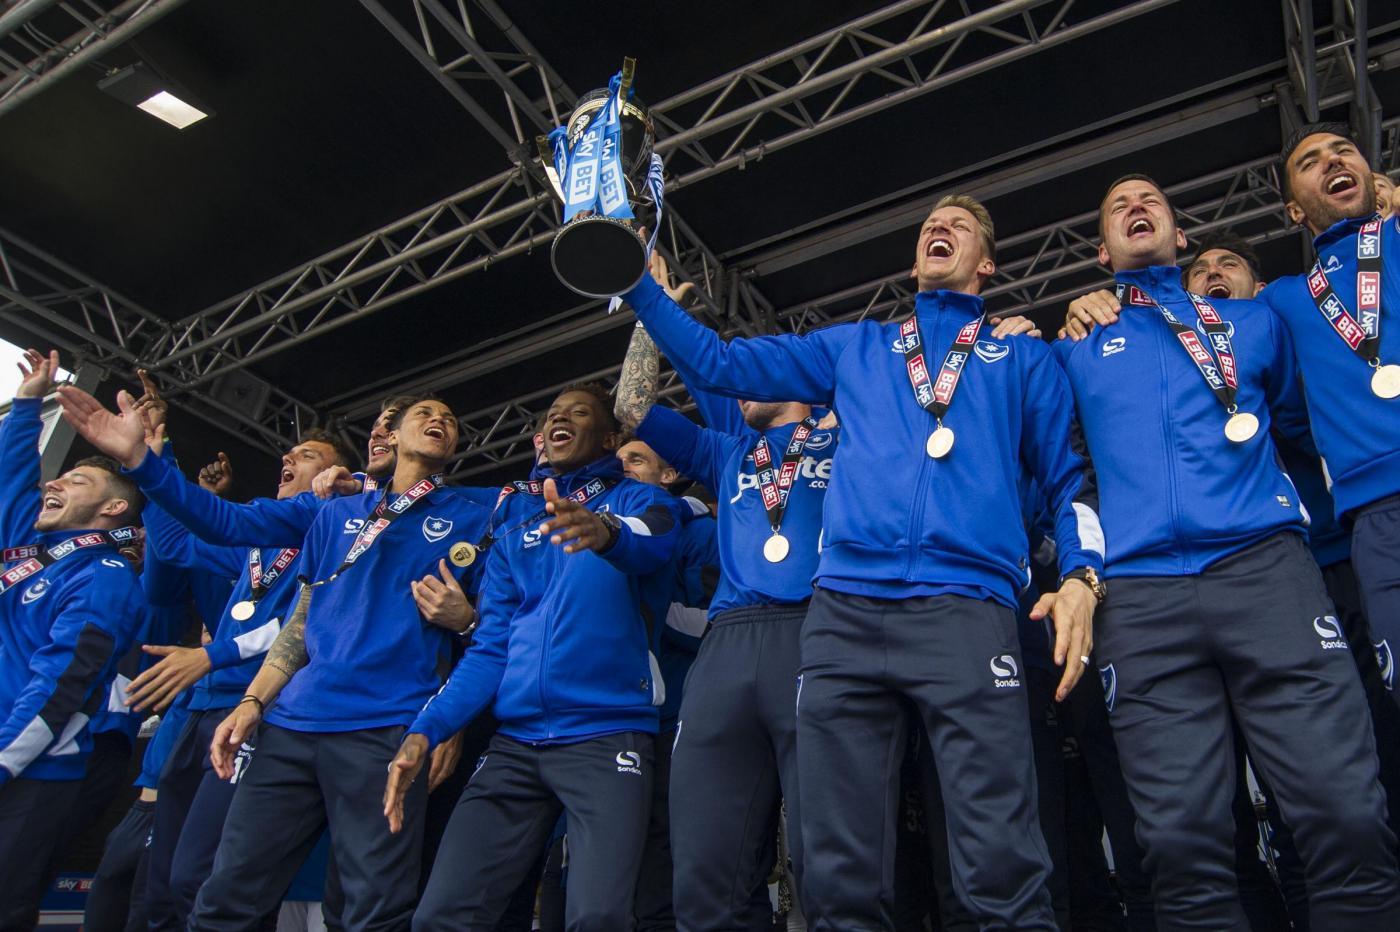 Portsmouth-Gillingham FC 4 settembre: si gioca per la prima giornata del gruppo 9 del torneo inglese. I locali sono favoriti.